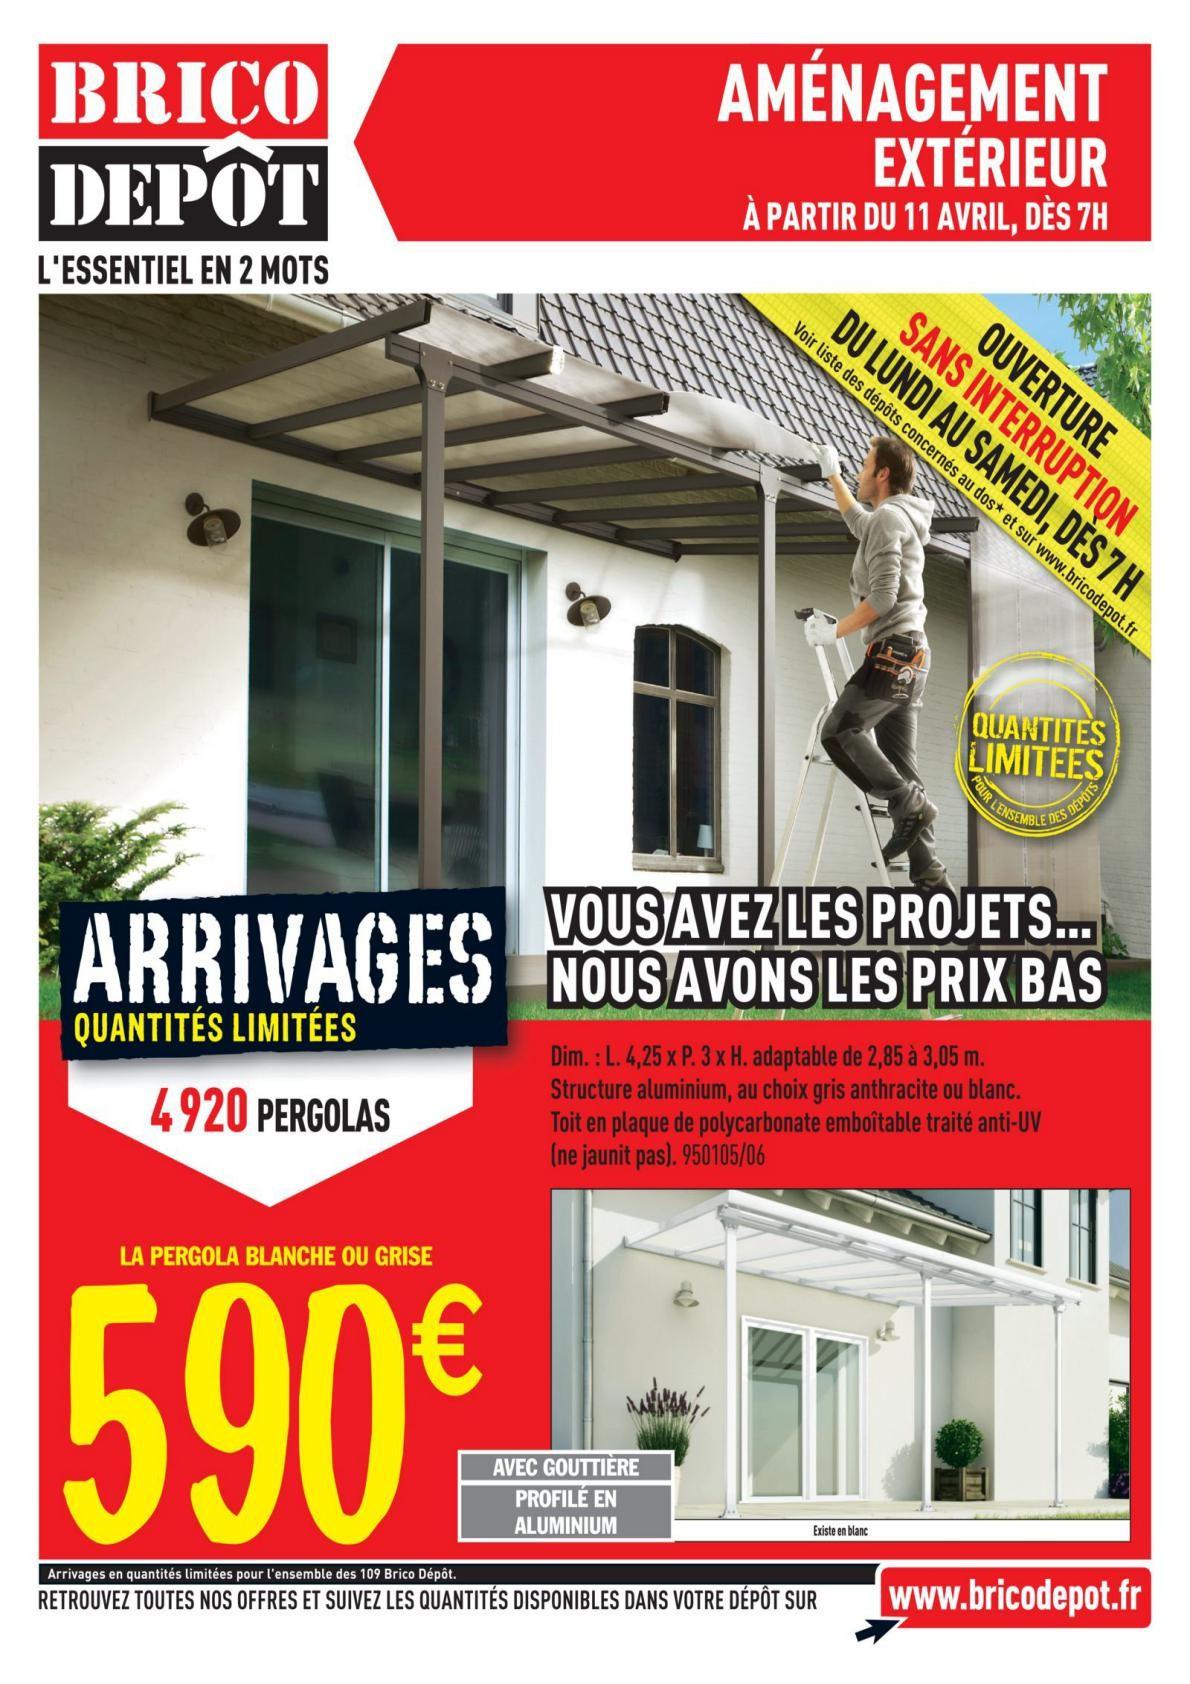 Anti Pigeon Brico Depot Interieur Bricodepot Agencecormierdelauniere Com Agencecormierdelauniere Com